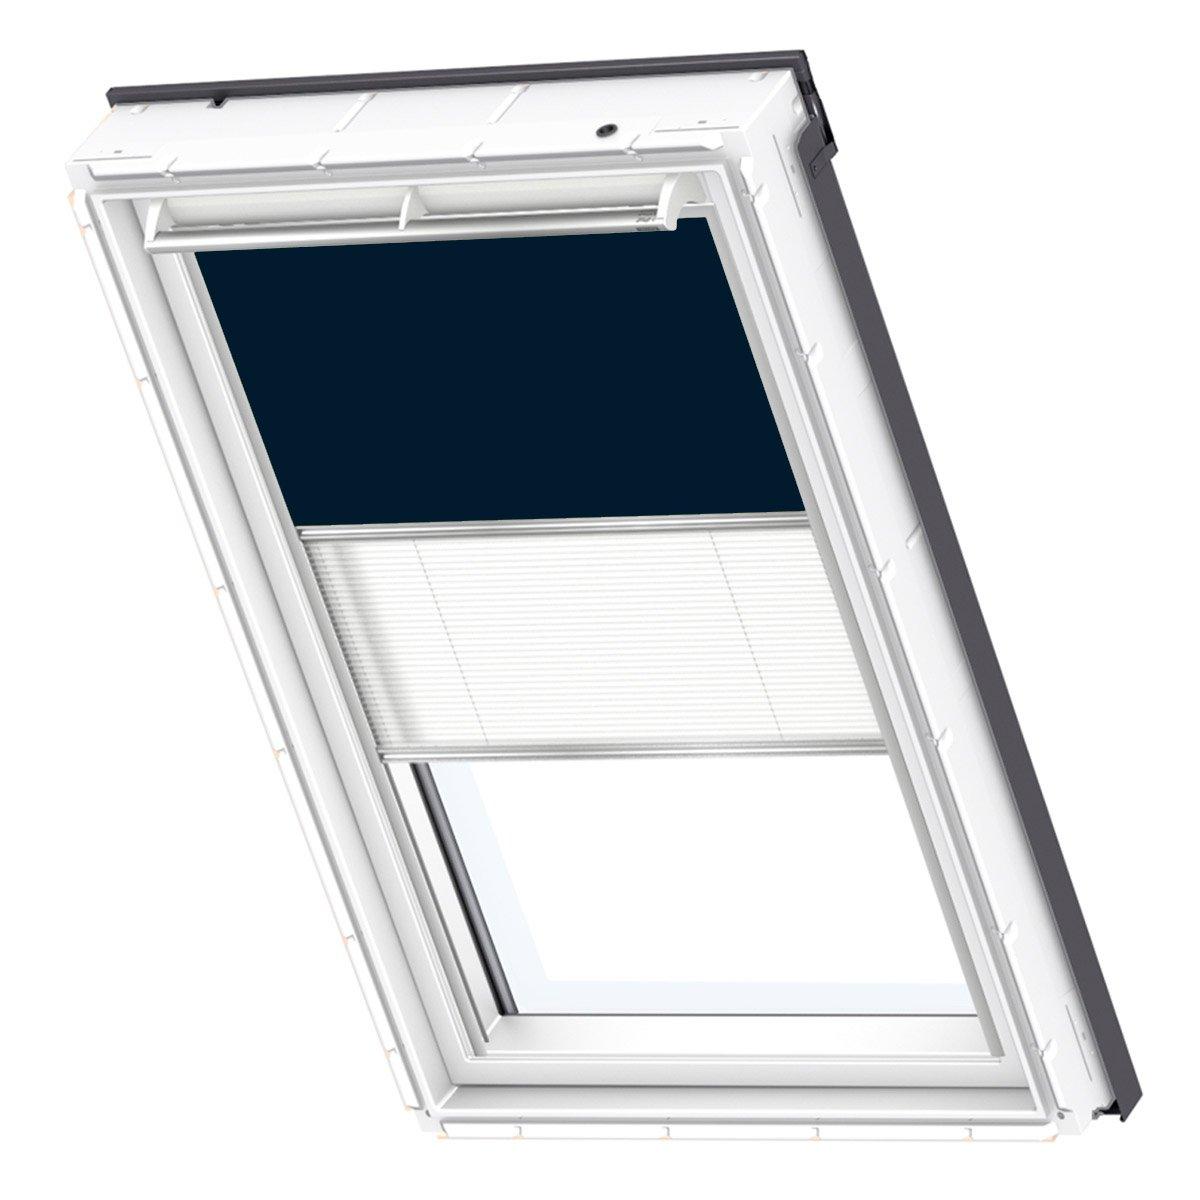 VELUX Original Verdunkelung Plus Dachfenster, S08, Uni Dunkelblau Weiß